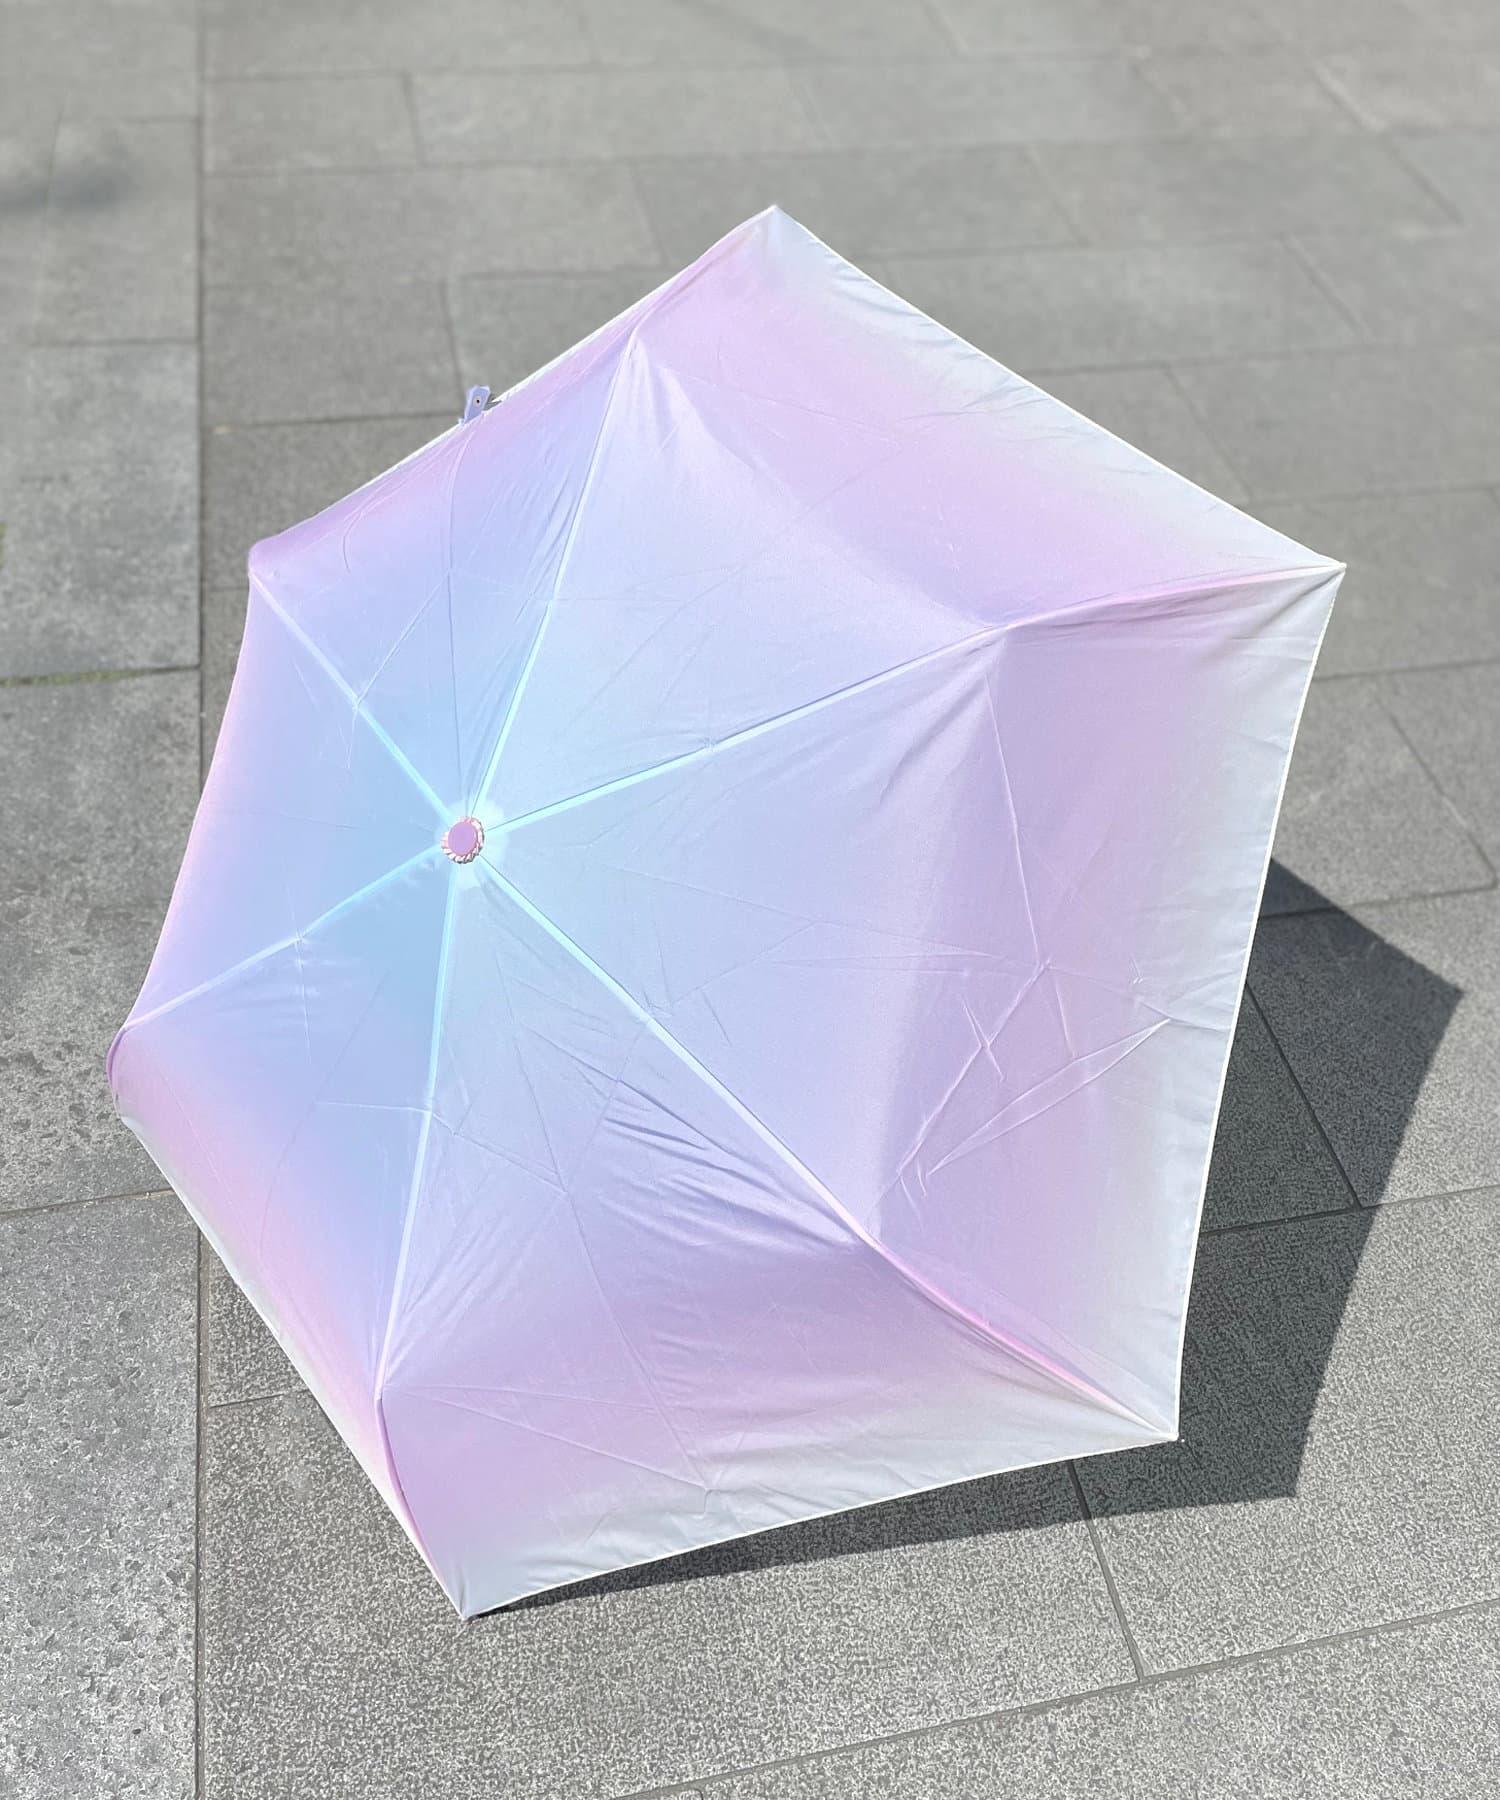 ASOKO(アソコ) <淡い色合いが可愛い♡>ミルキートーン折りたたみ傘